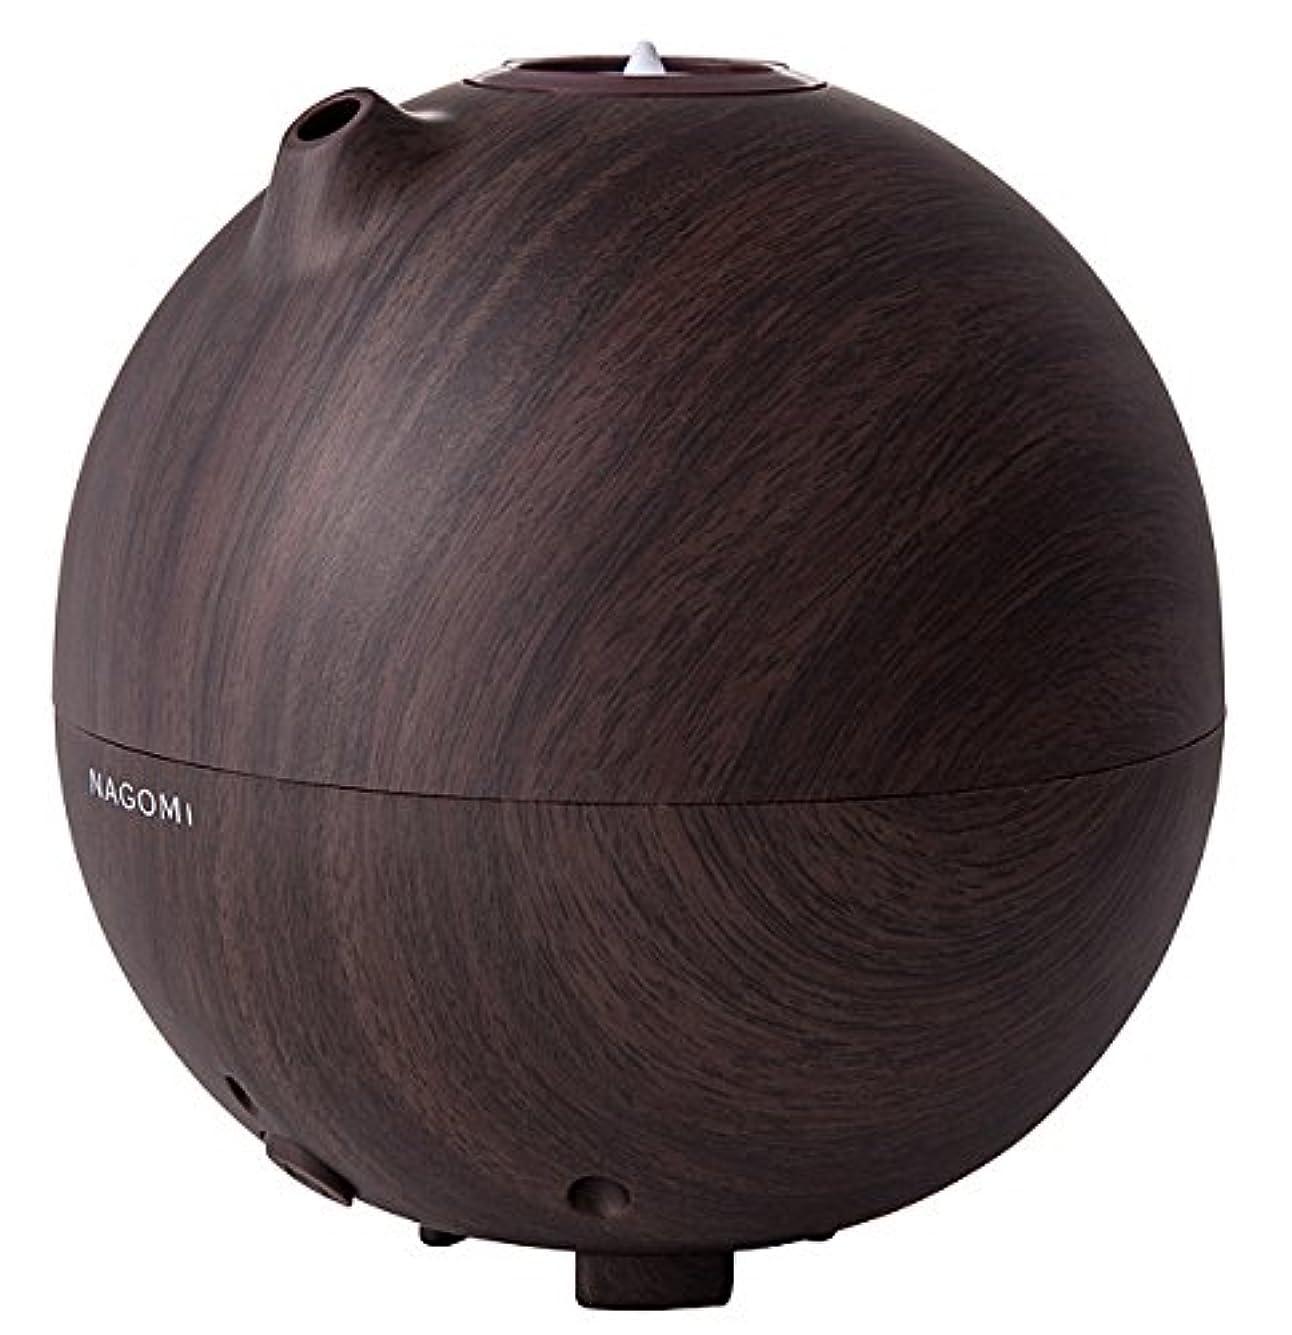 崇拝します拘束透けるペットボトル加湿器「ナゴミ」 木目調 HFT-1522 ダークブラウン